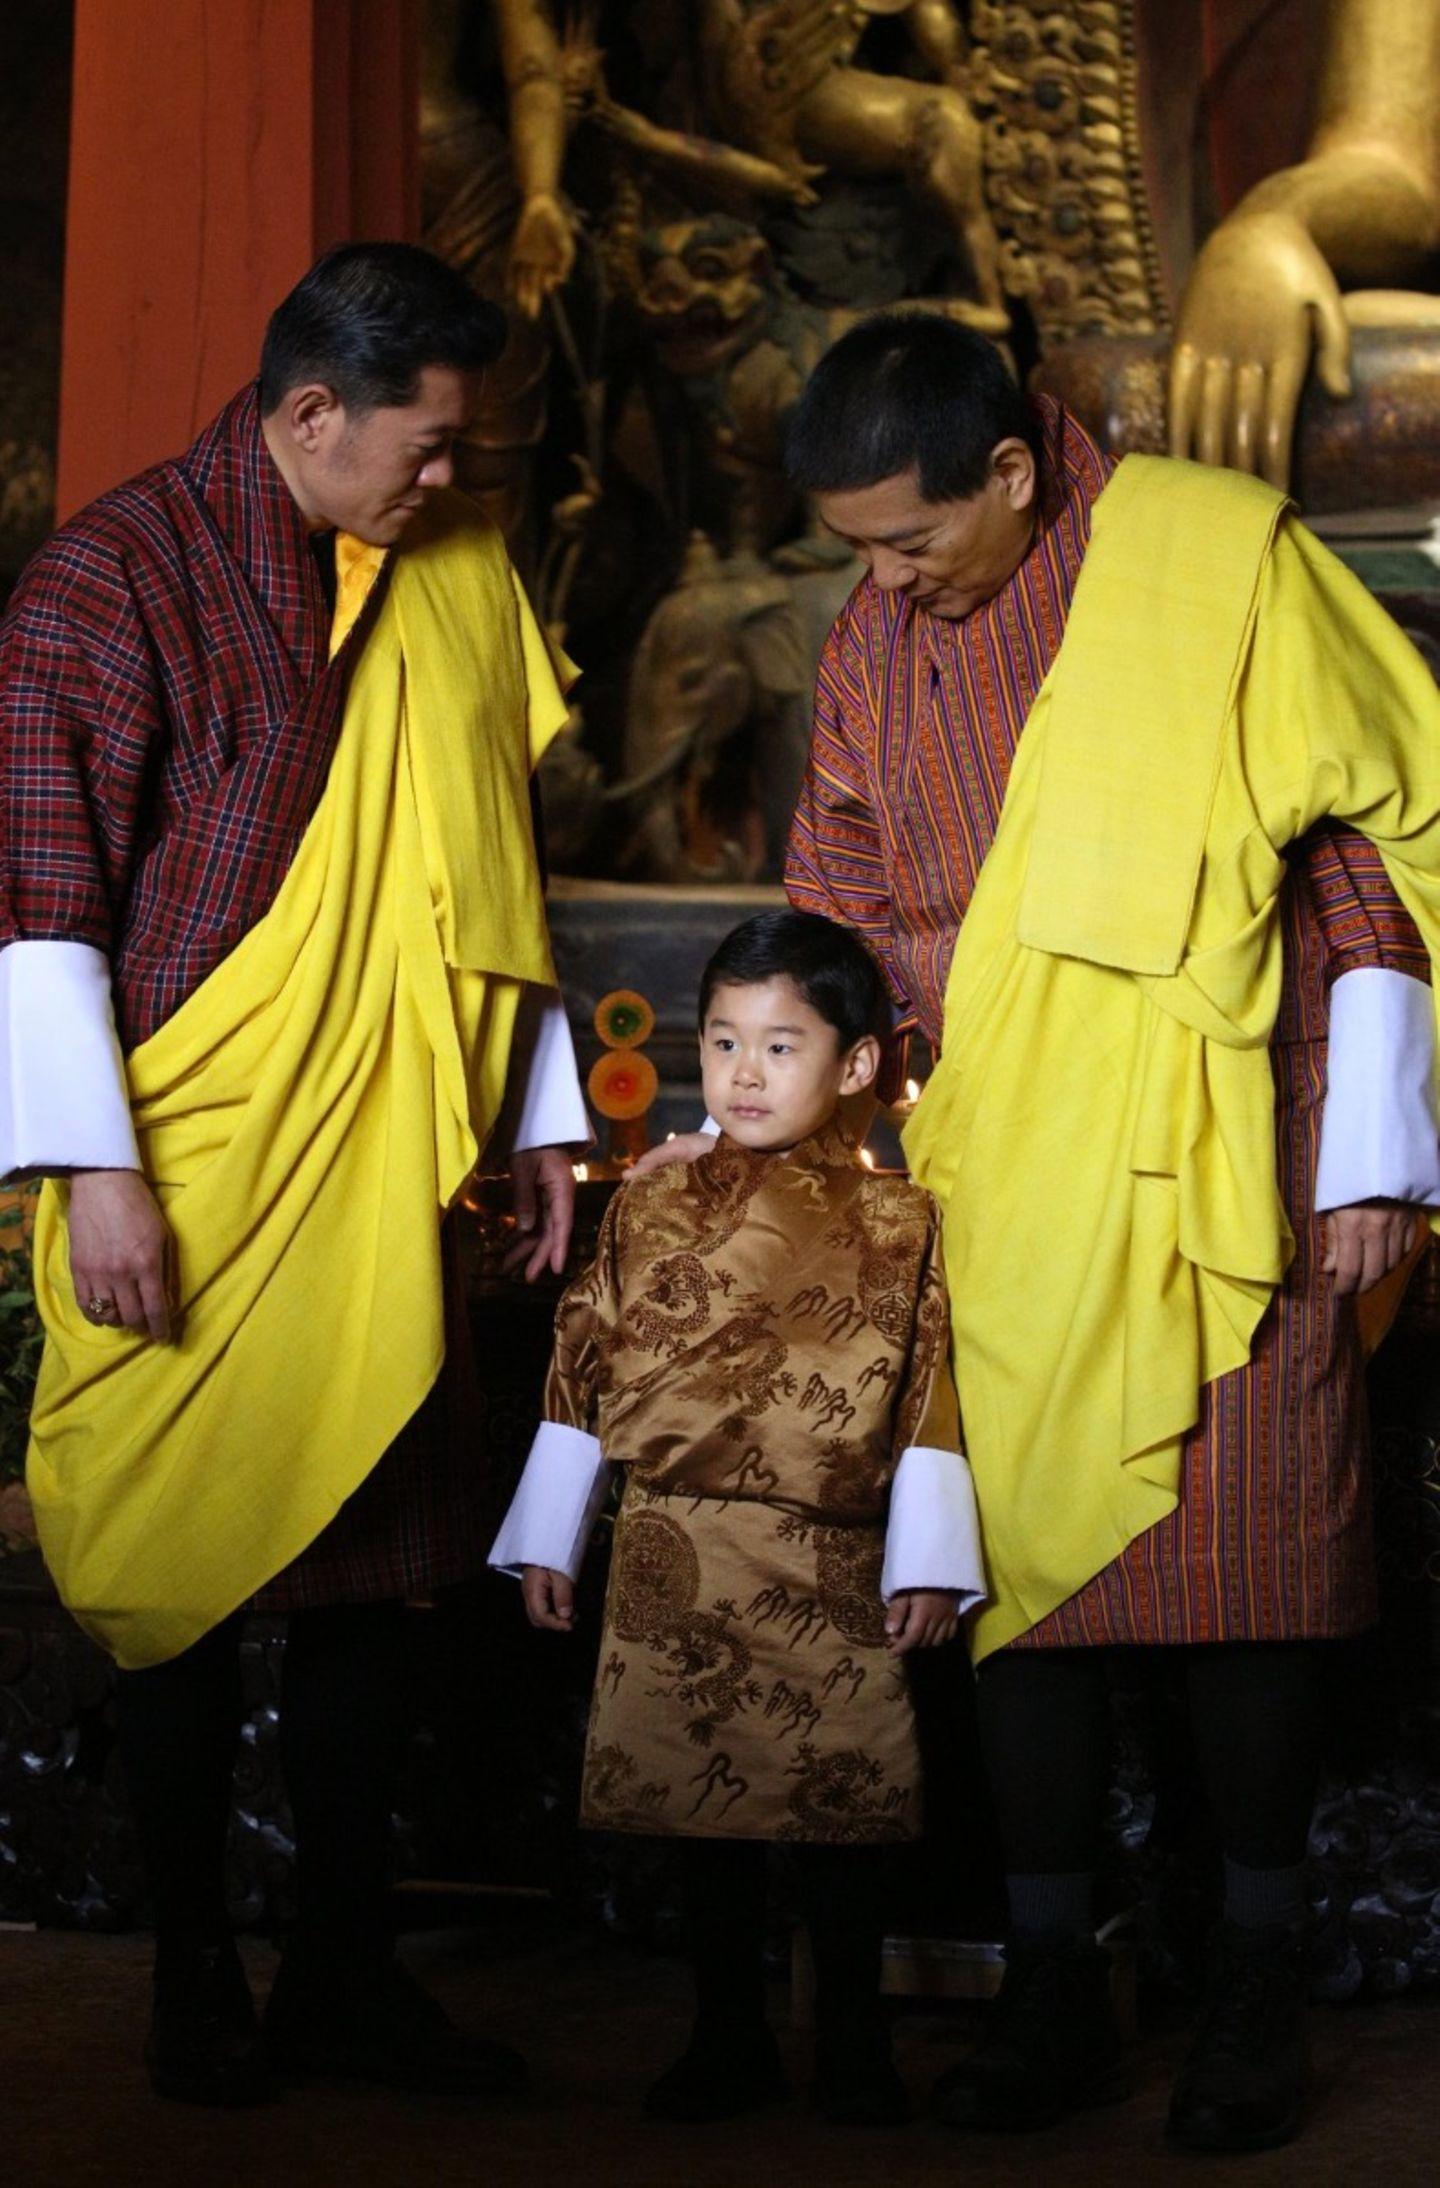 König Jigme von Bhutan und Mitglieder der königlichen Familie feiern den 4. Geburtstag seines erstgeborenen SohnesPrinz Jigme Namgyel Wangchuck mit einer heiligen Zeremonie. In seinem festlichen Gewand sieht der junge Mann bereits ganz schön groß geraten aus. Gute Voraussetzungen für seine anstehenden Aufgaben als großer Bruder. Seine Mama,Königin Jetsun, ist guter Hoffnung.